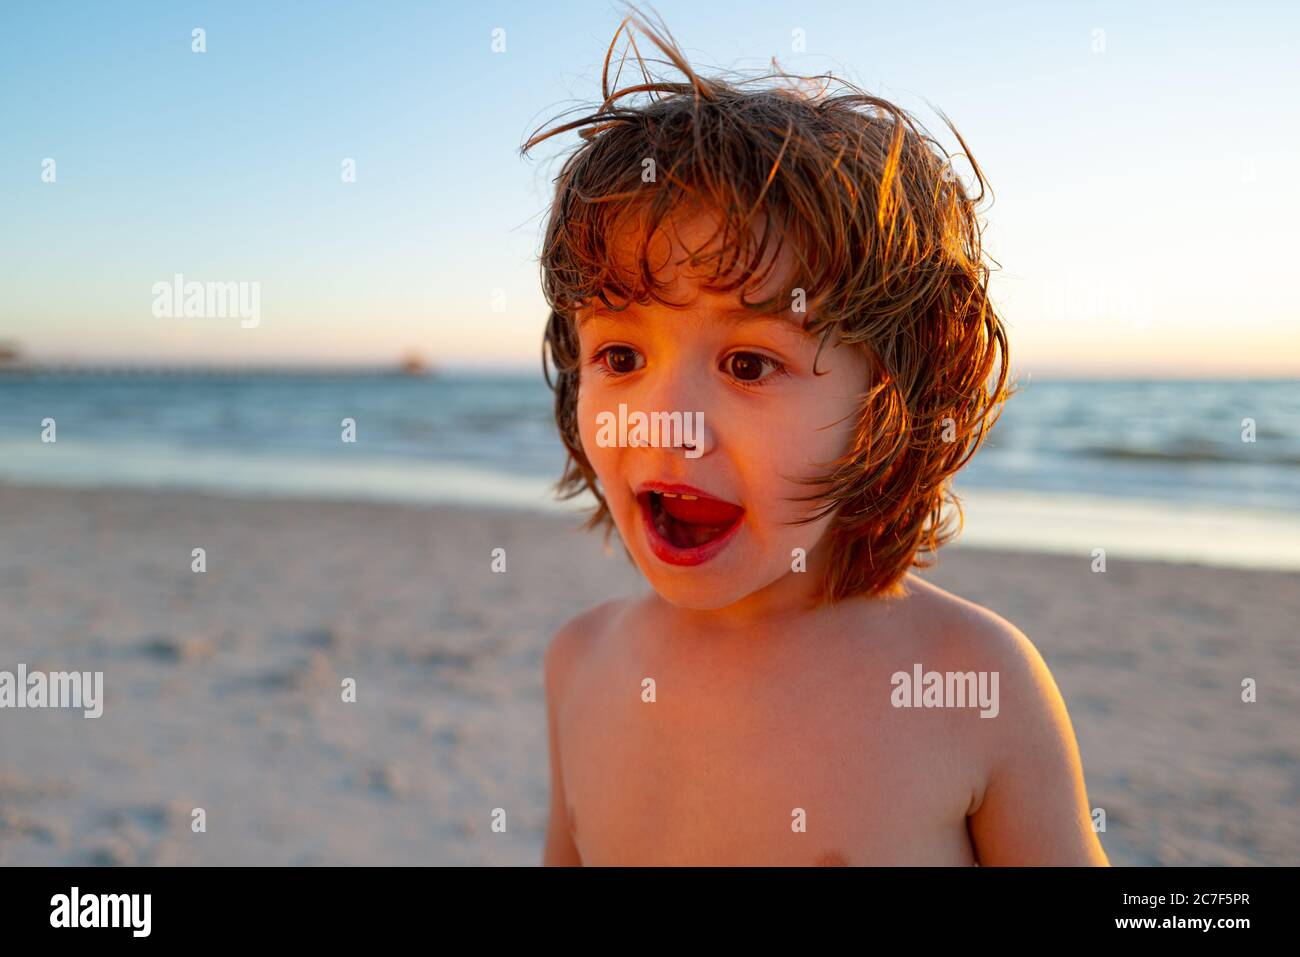 Enfant enthousiaste s'amusant en mer. Vacances d'été et concept de mode de vie sain. Banque D'Images